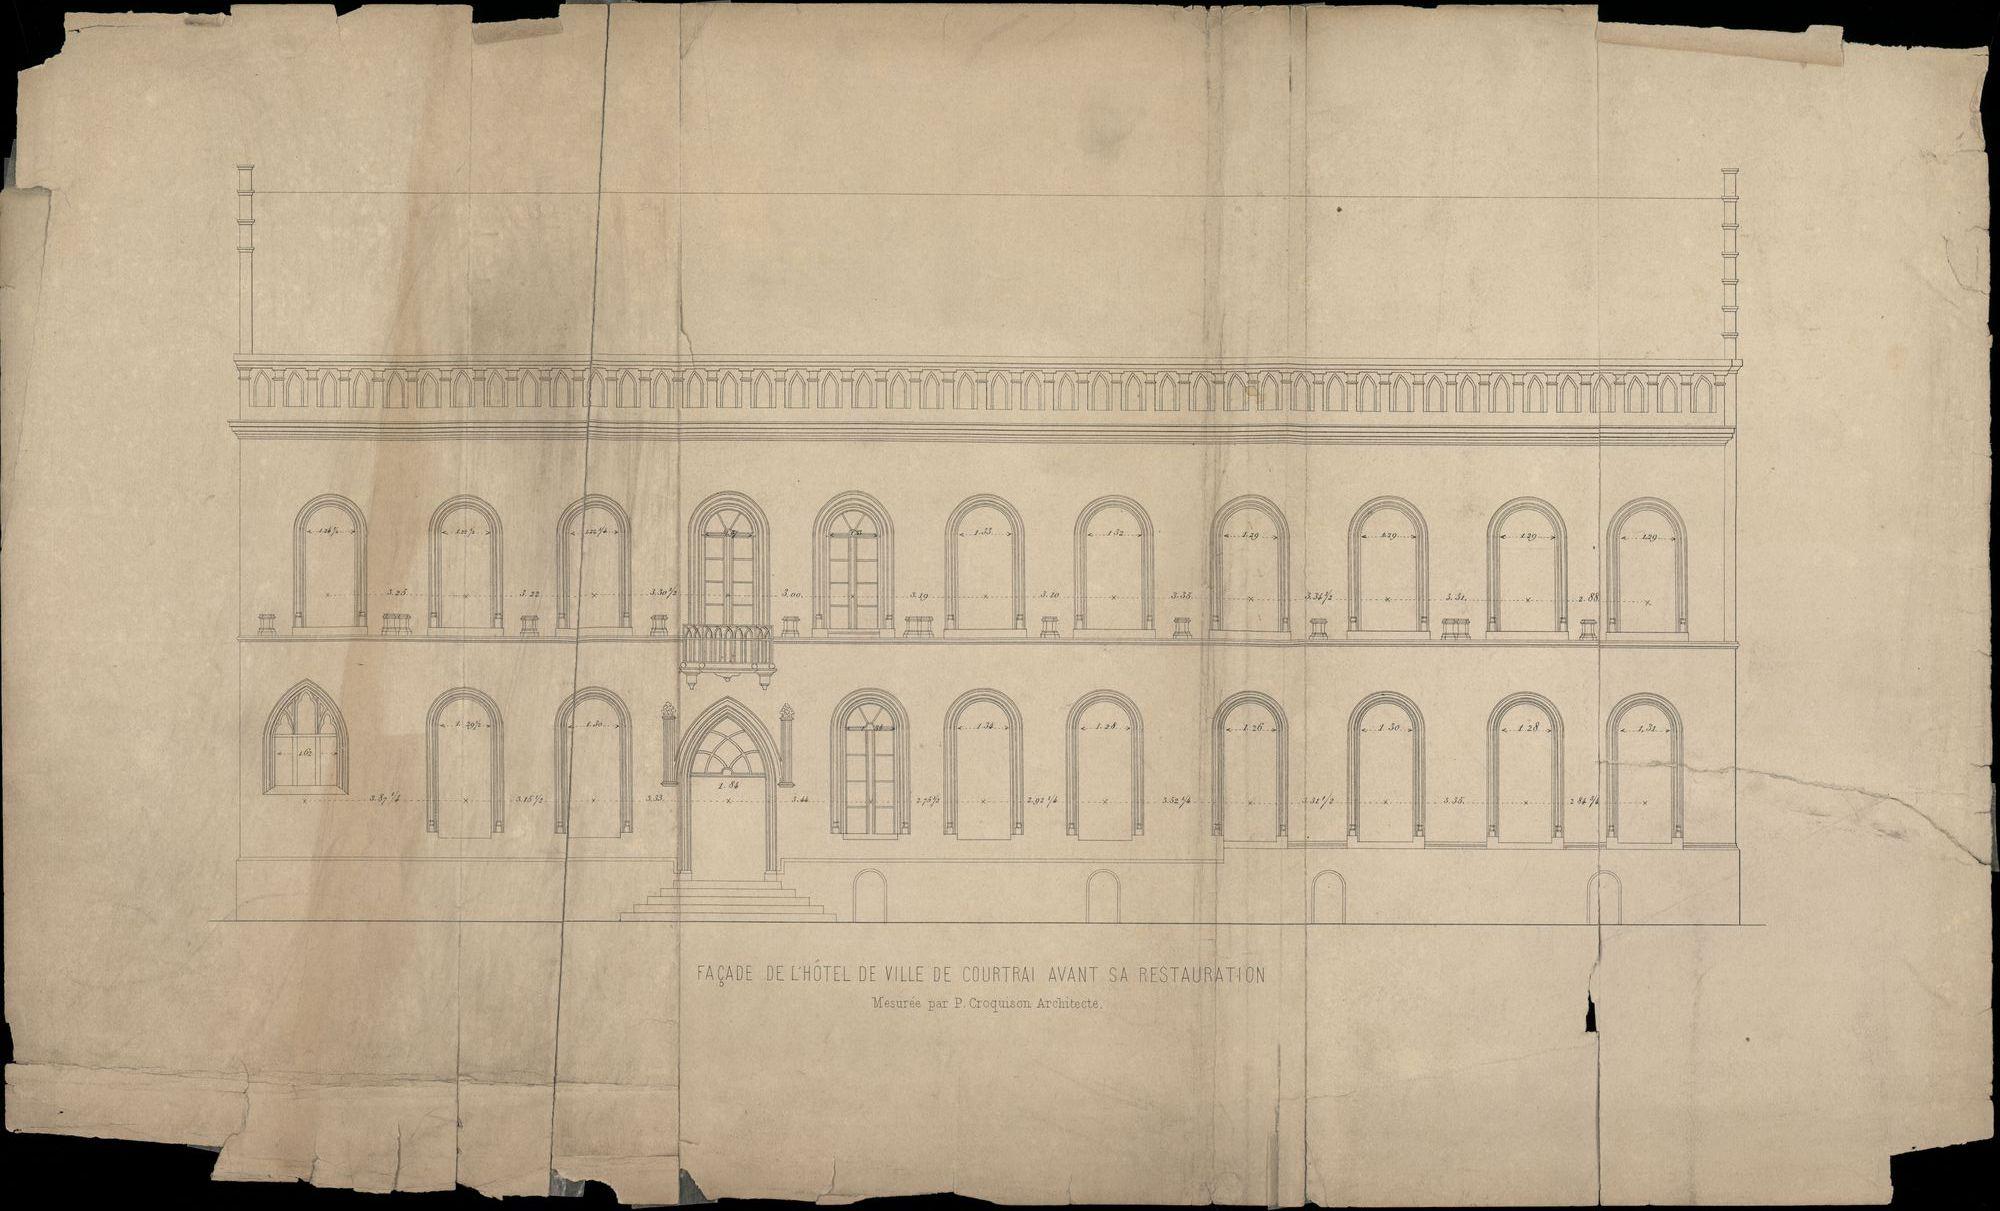 Bouwplan van de gevel van het stadhuis te Kortrijk, opgemaakt door P. Croquison, 1855-1856